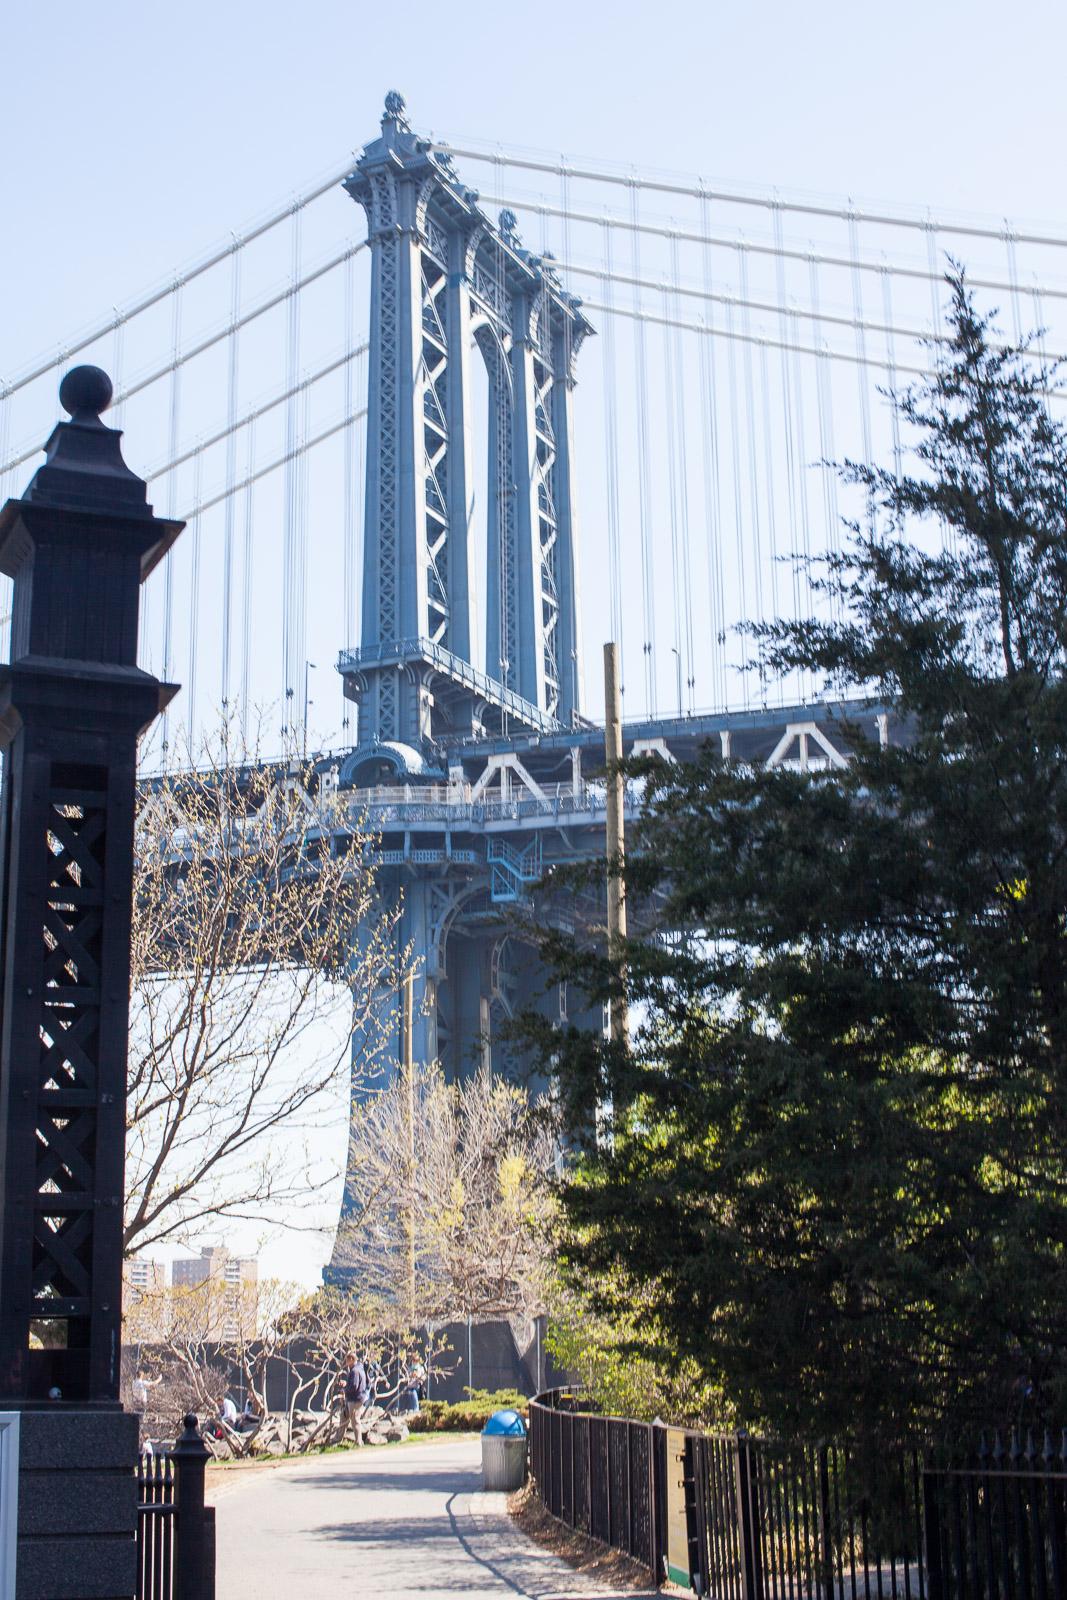 brooklyn-bridge-park-dumbo-robertiaga-11